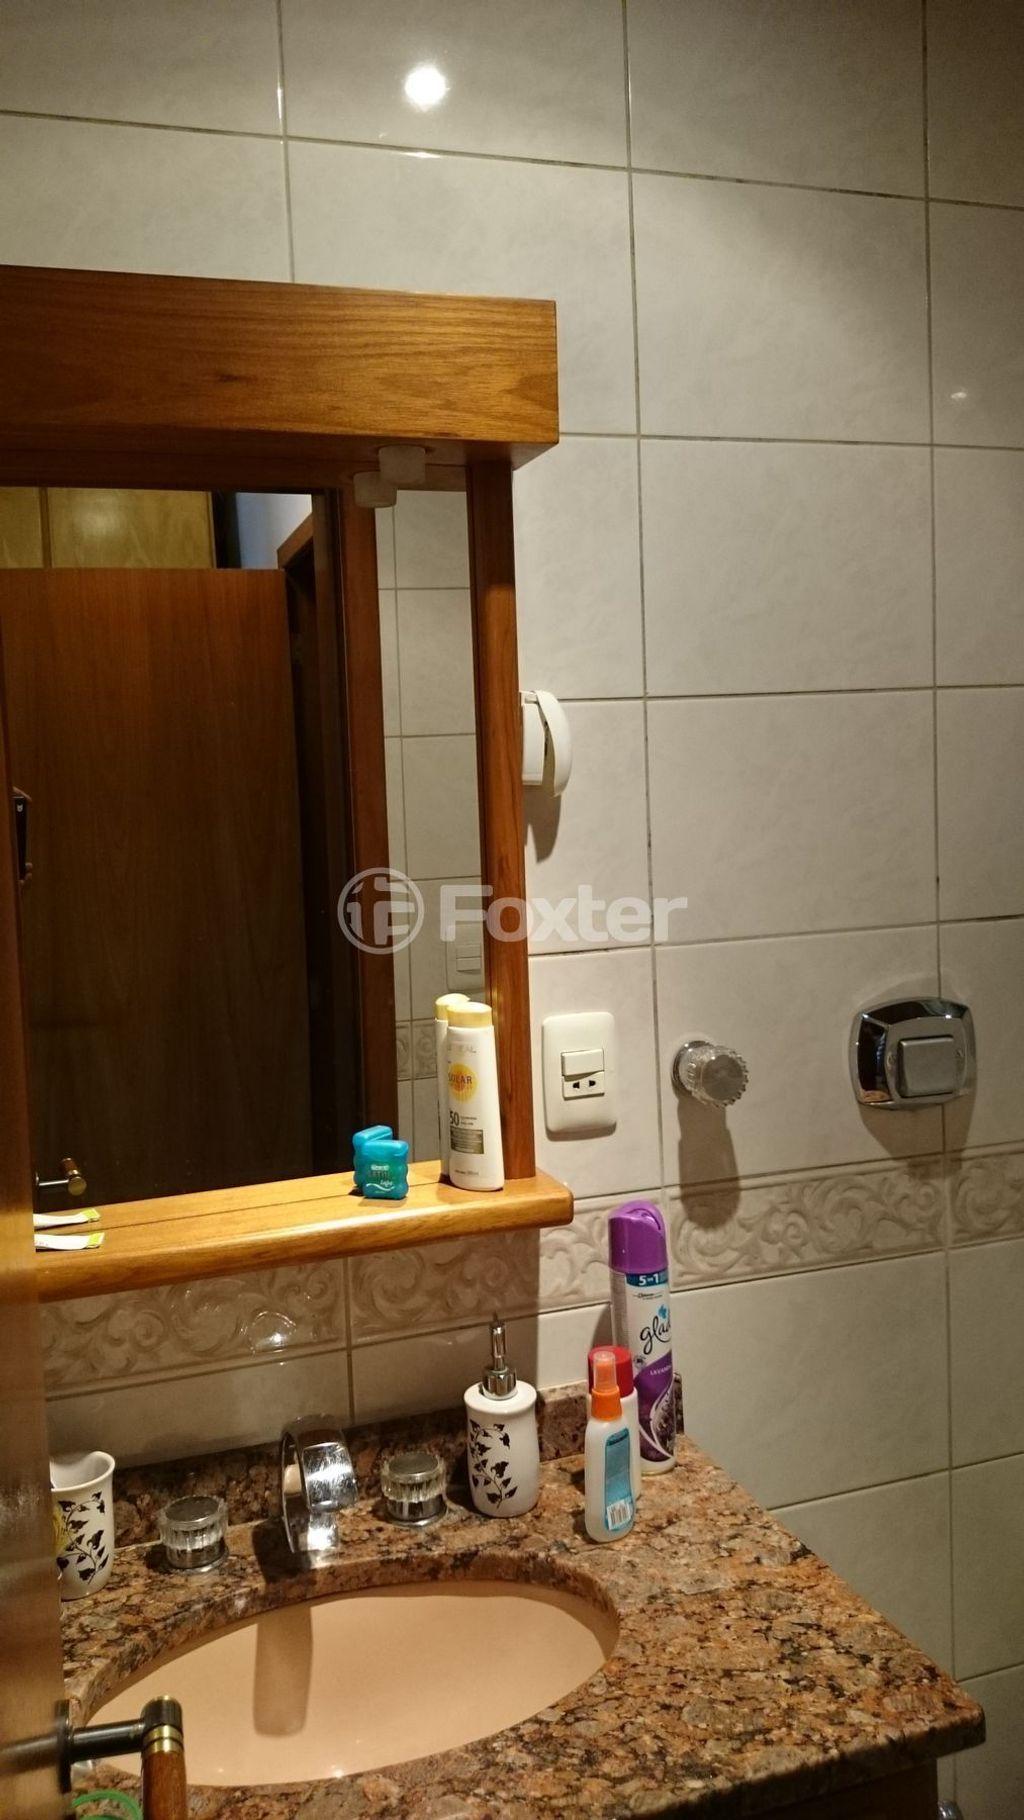 Foxter Imobiliária - Cobertura 3 Dorm (137279) - Foto 12